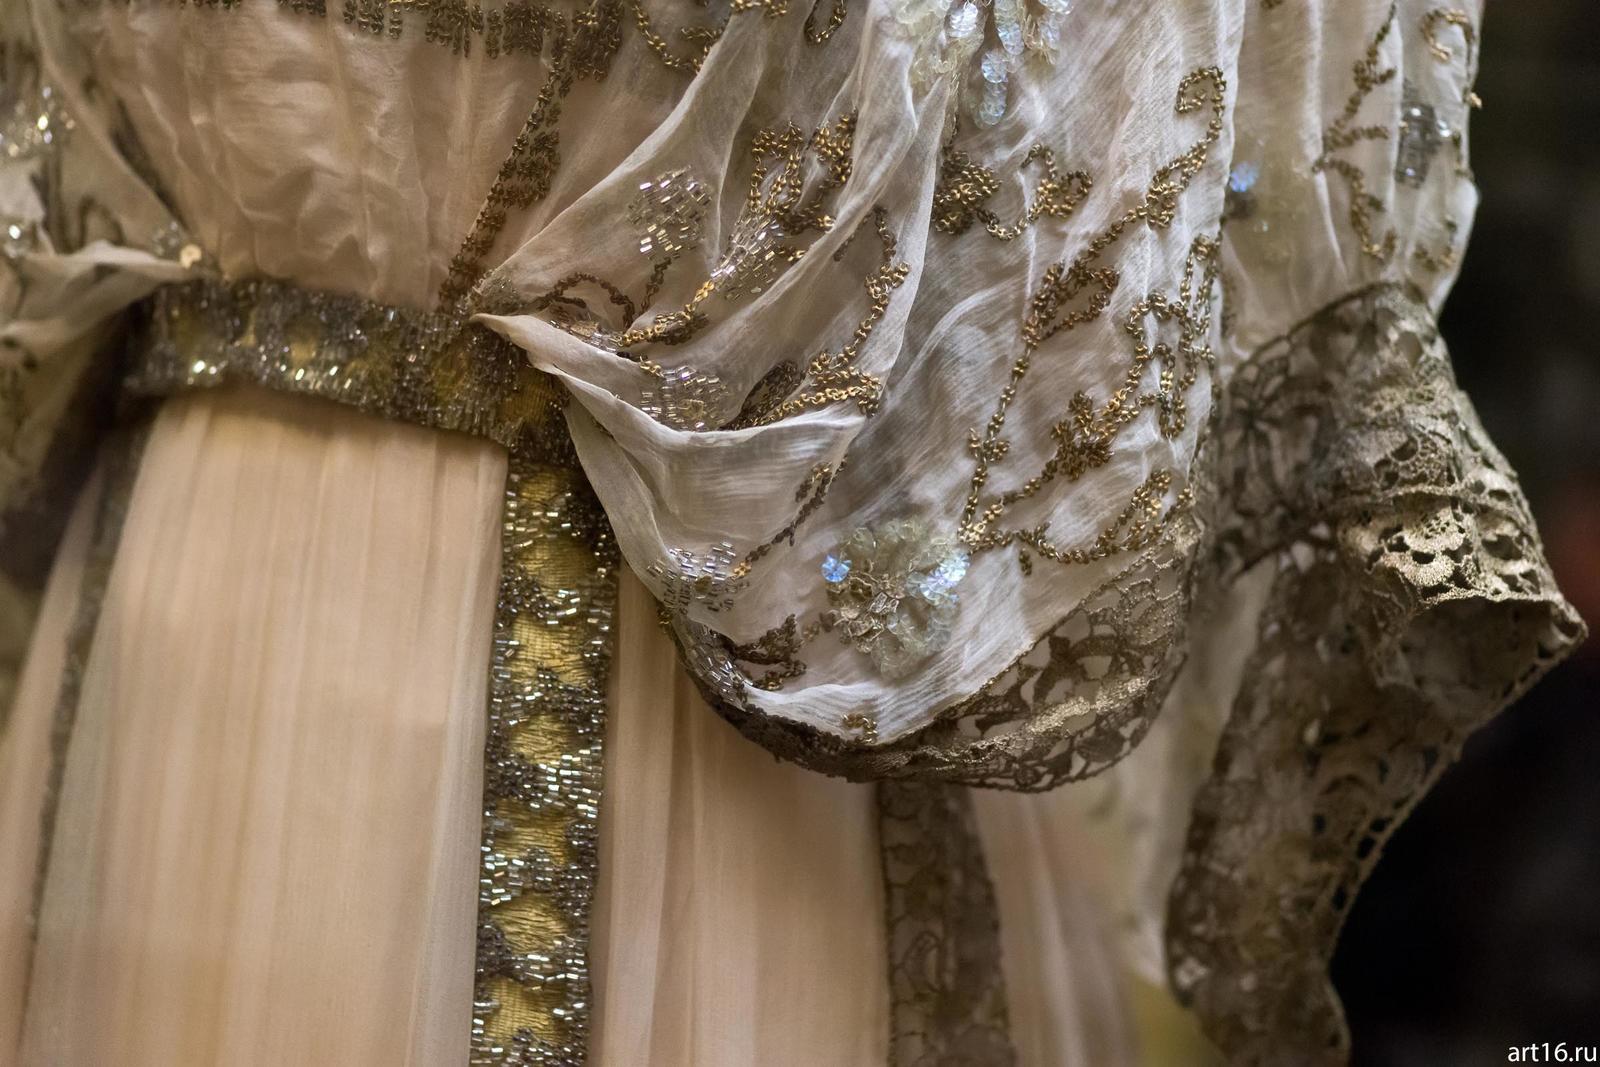 одна самых дорогие платья императриц в эрмитаже фото всего